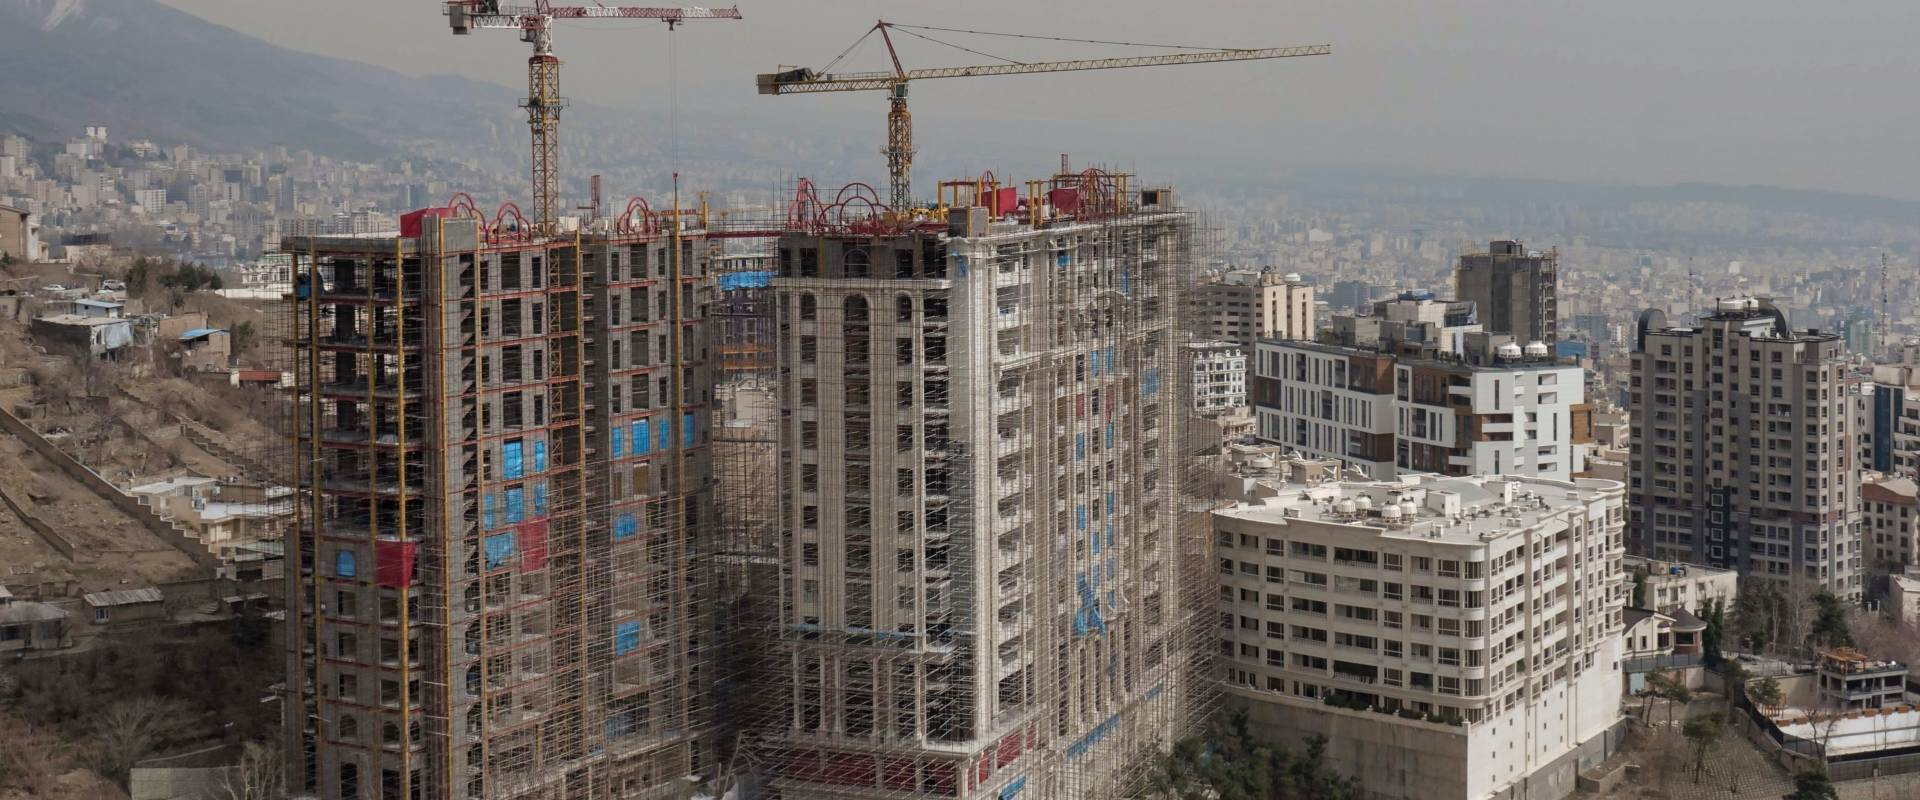 Baustellen in der iranischen Hauptstadt Teheran